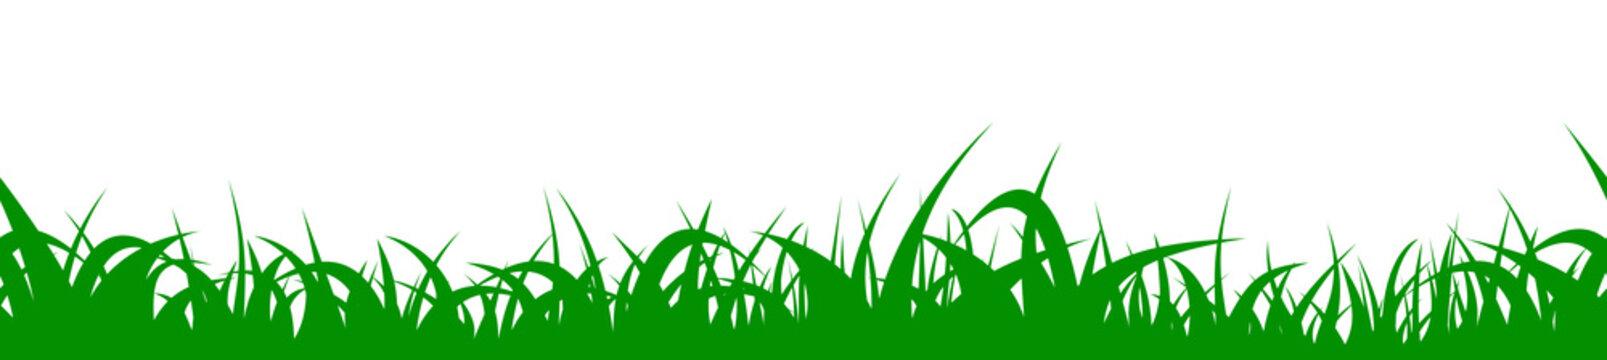 Green grass seamless border. Vector repeatable meadow.